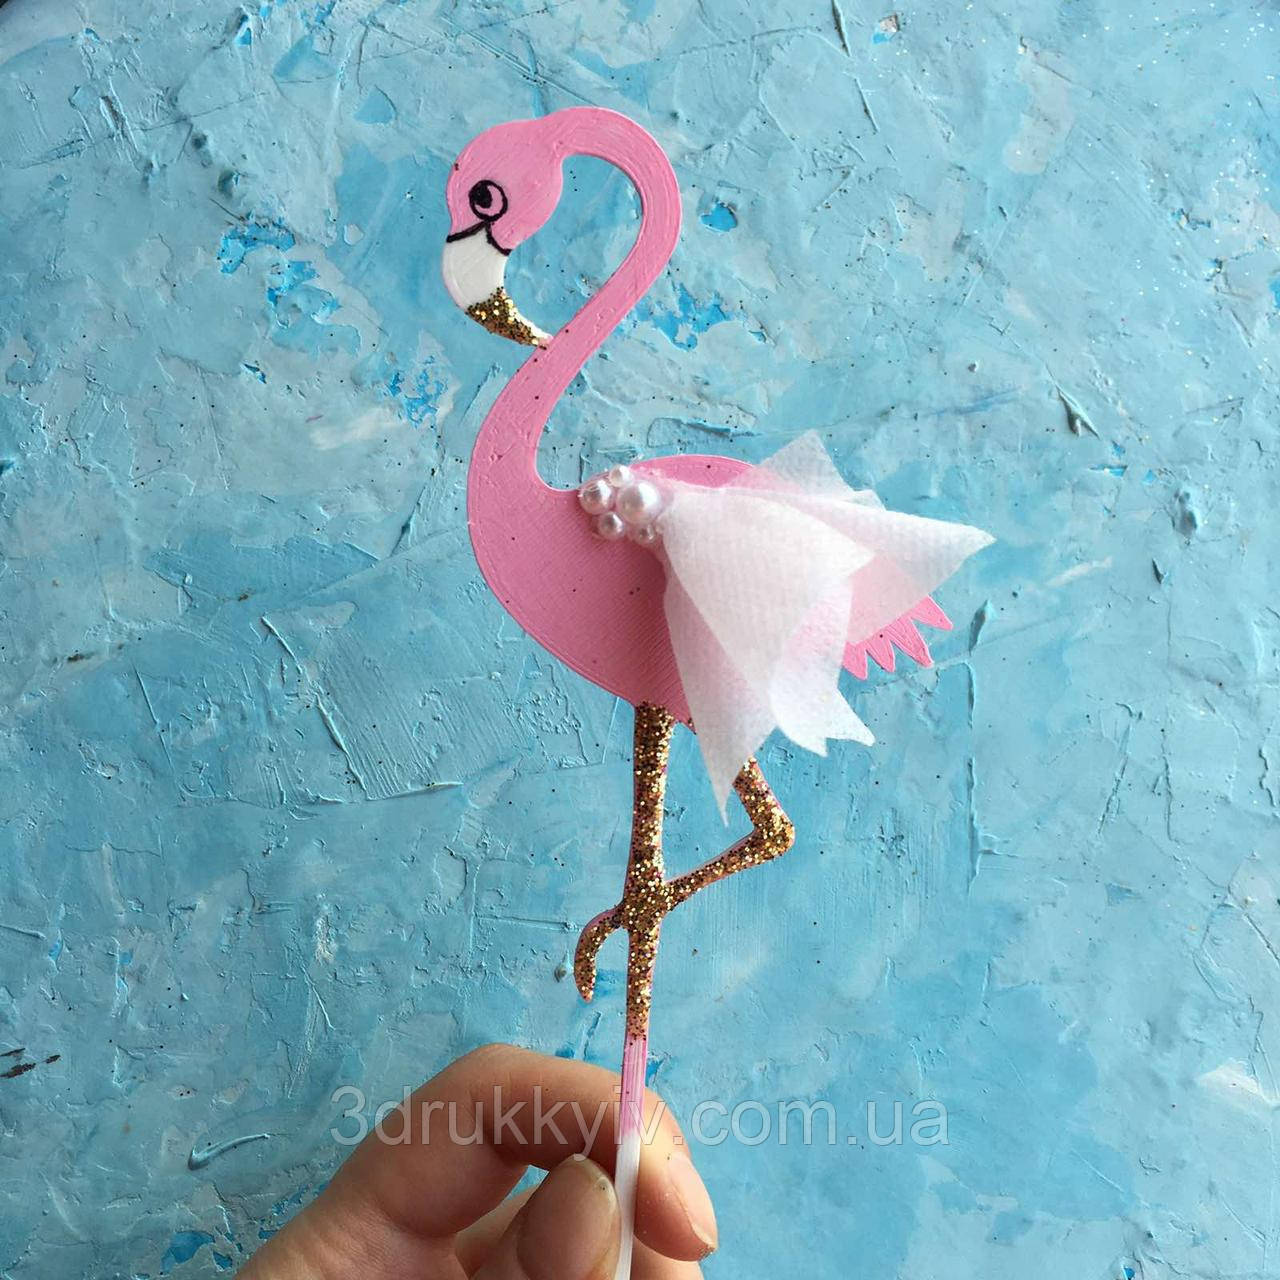 """Топпер на торт """"Фламінго #1"""" (1 шт.), Кольори можуть бути різні/ """"Фламинго #1"""""""